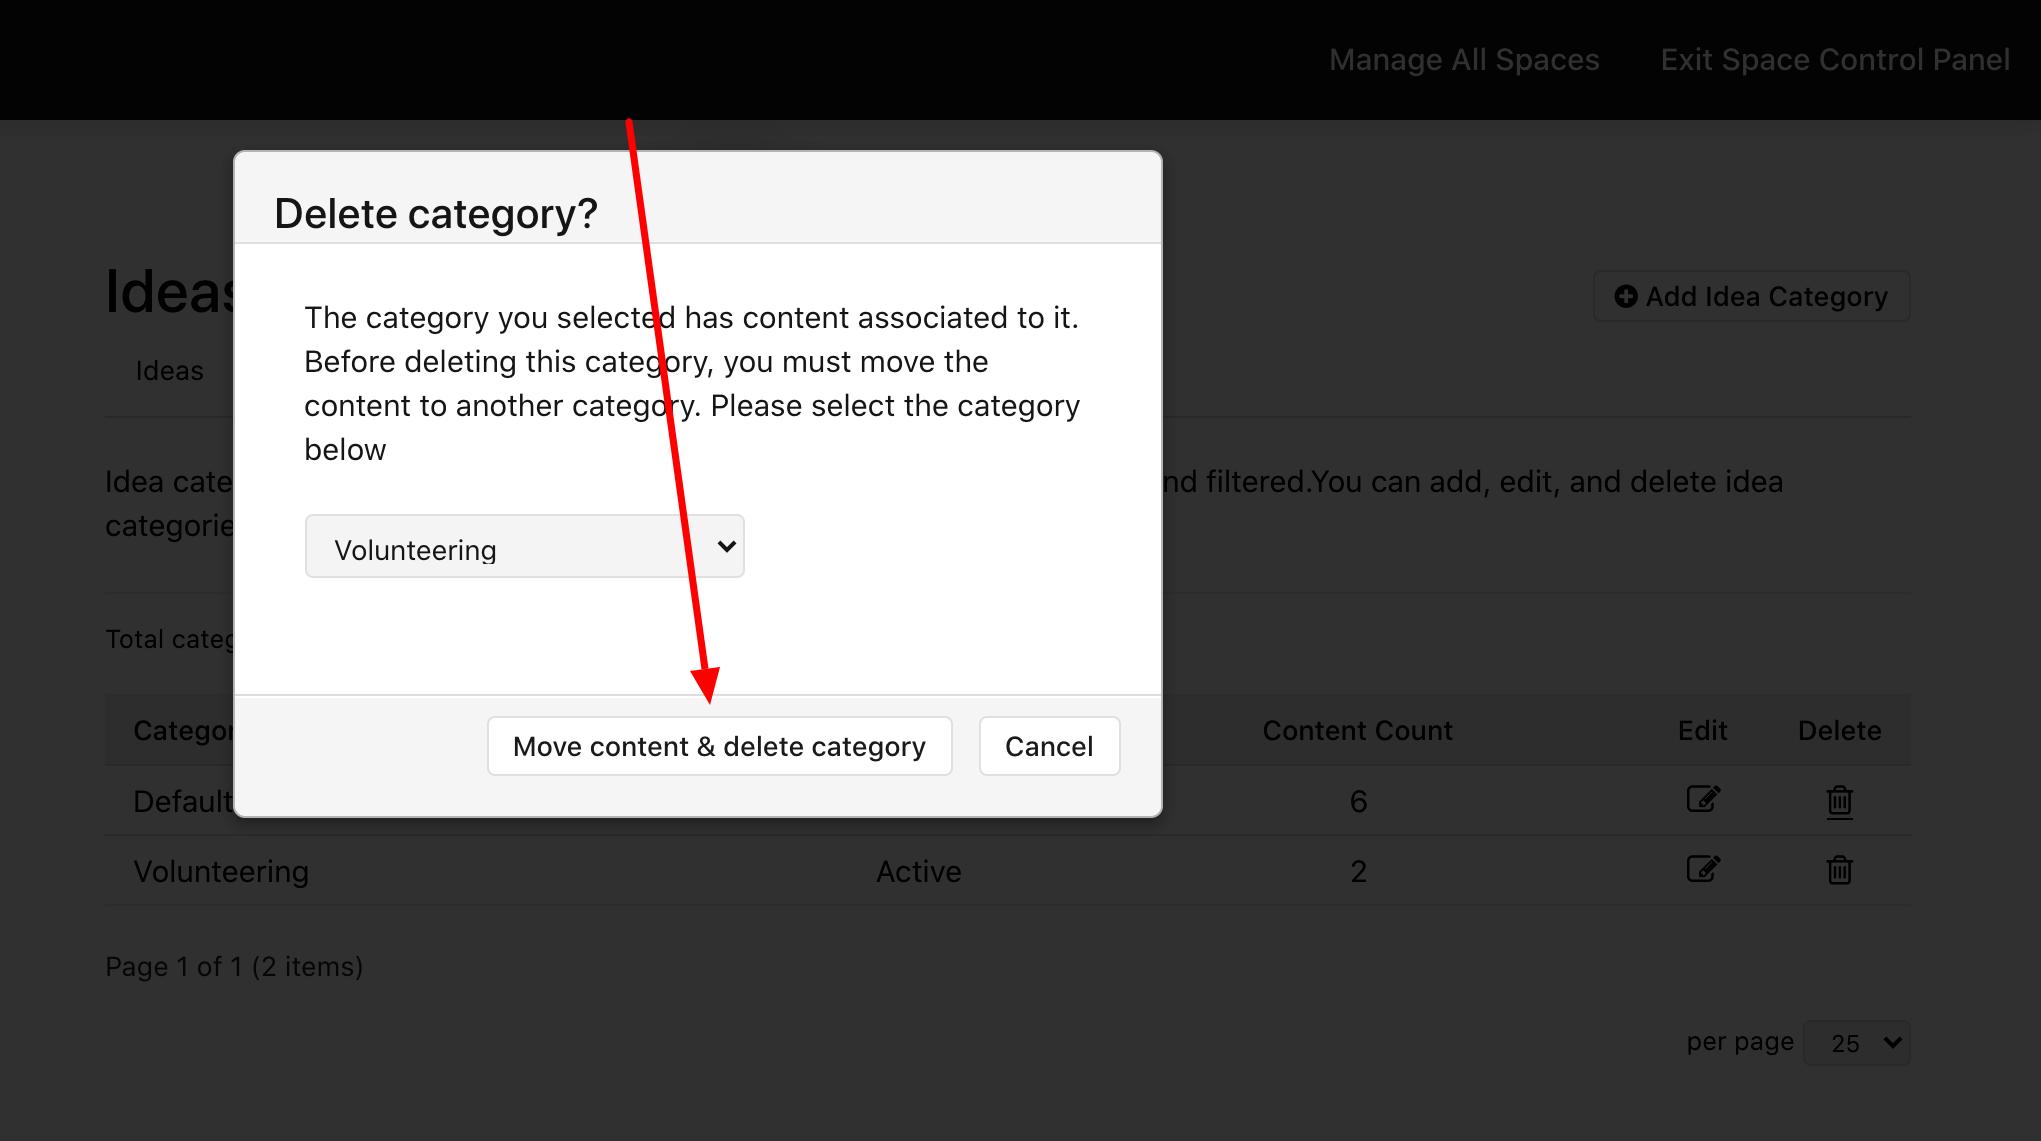 Click Move content & delete category